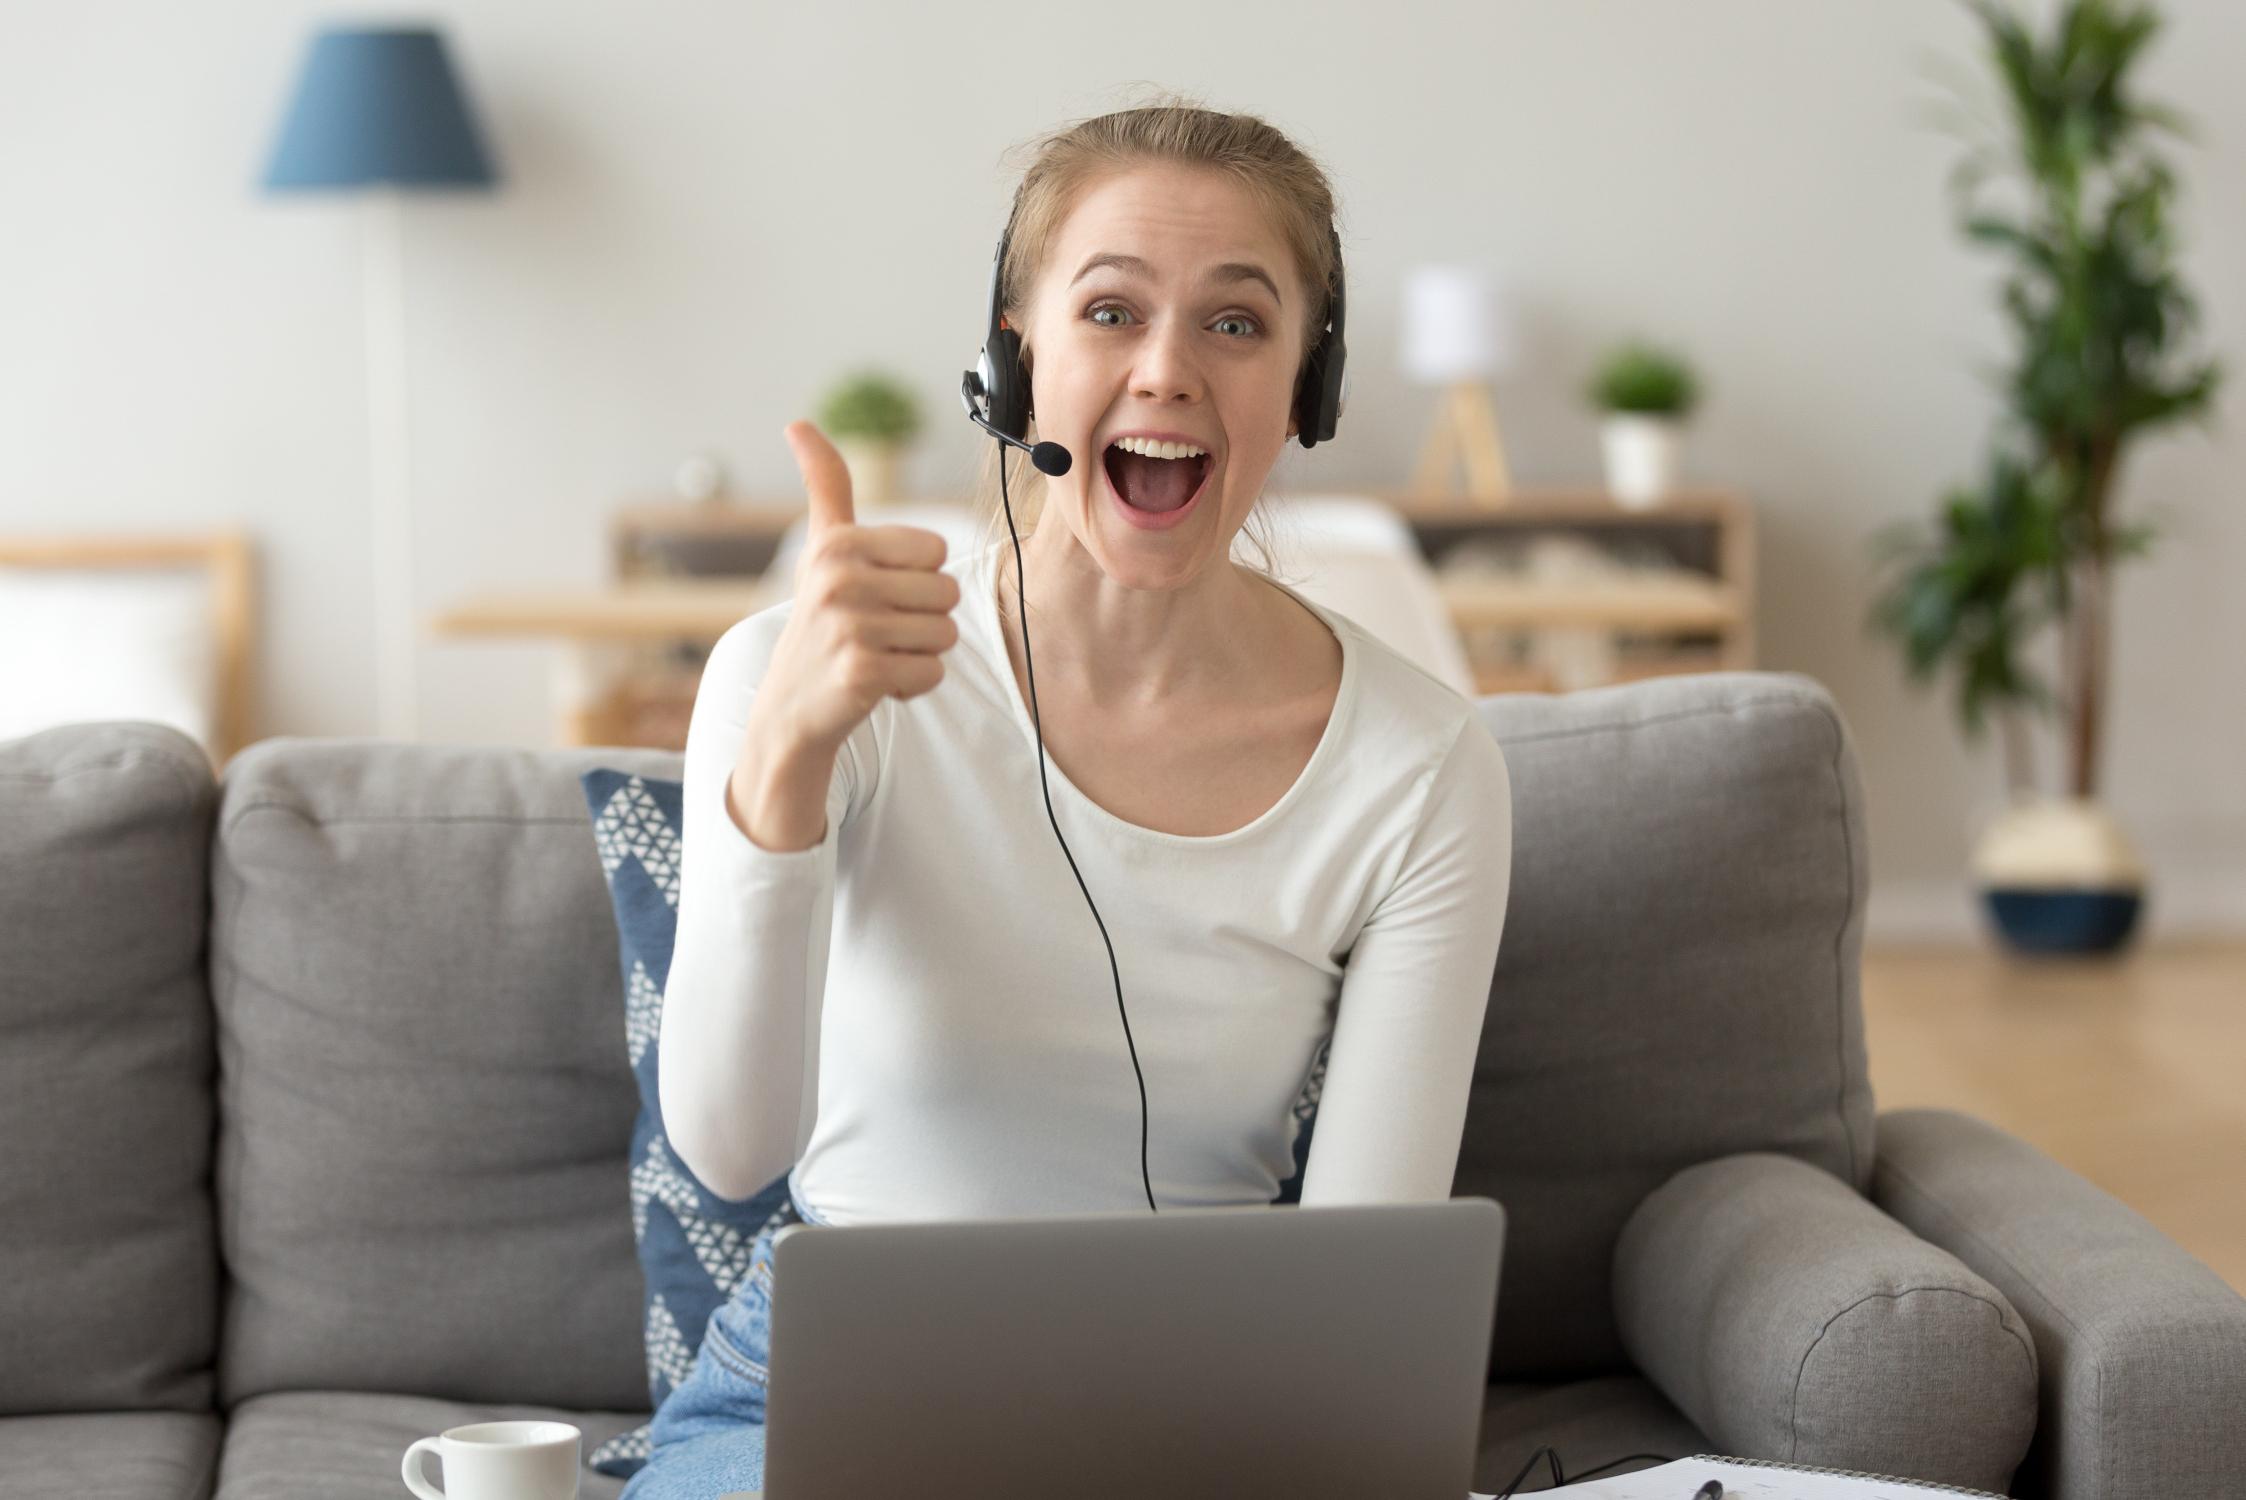 Frau sitzt auf einem Sofa mit Laptop und Headset